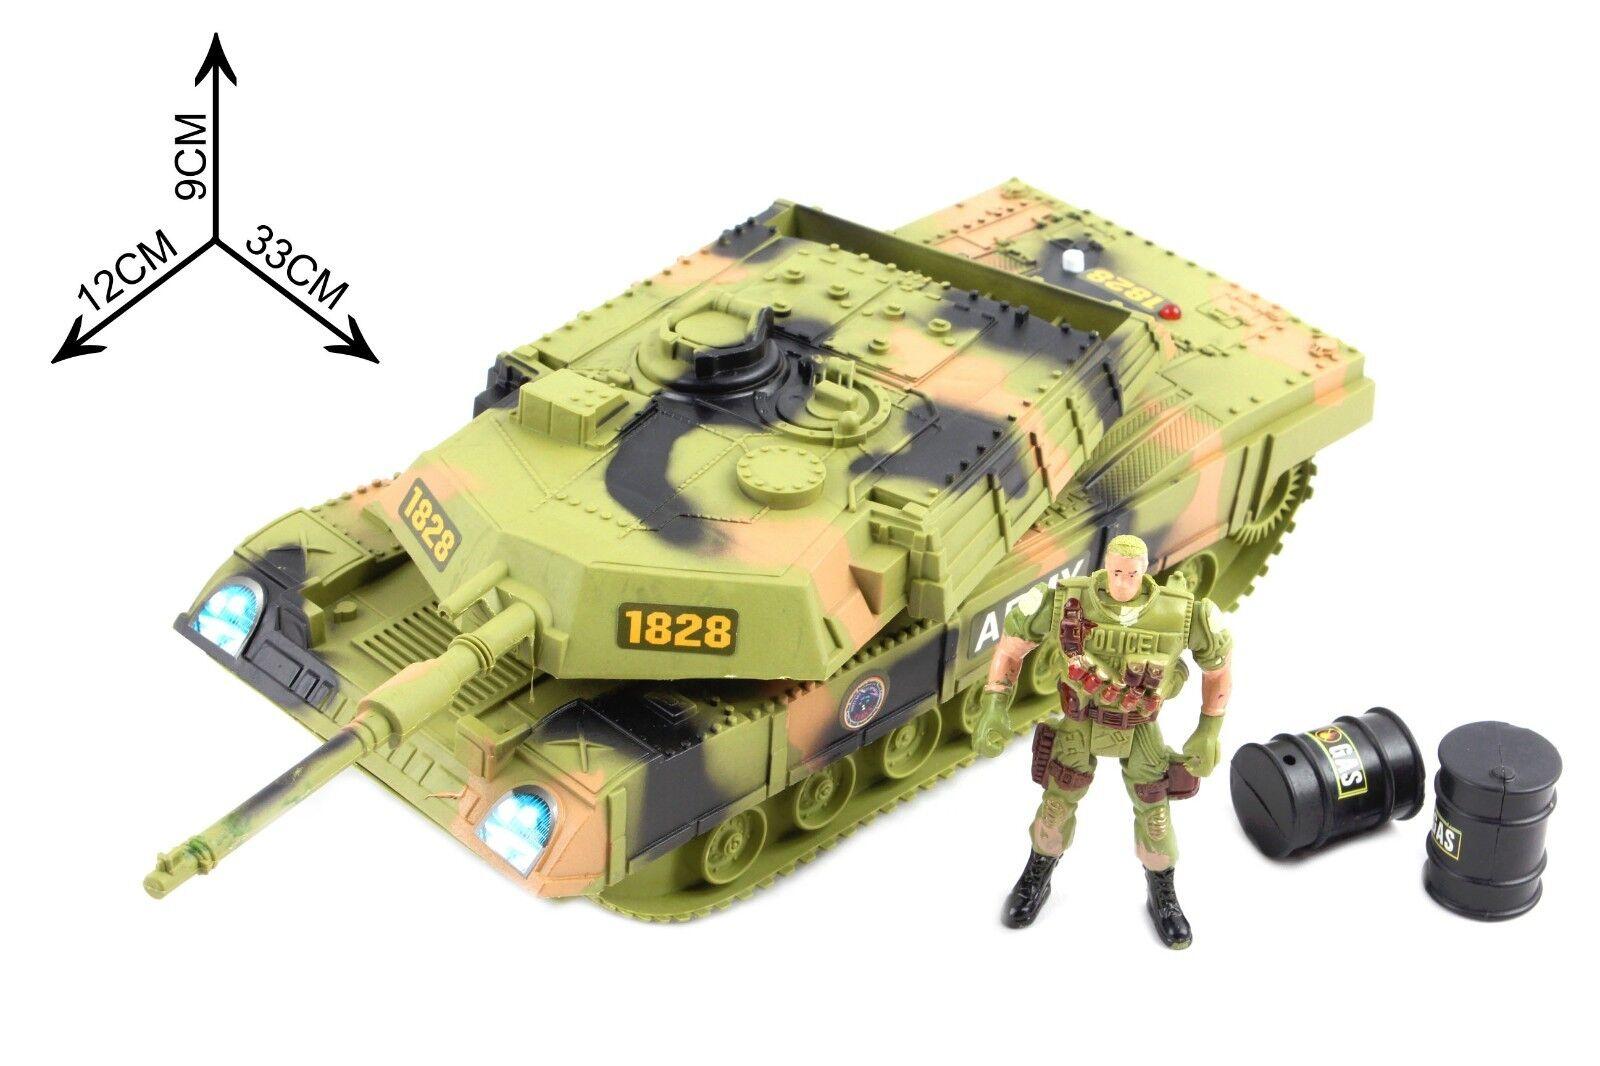 ARMY base combat squad SOLDAT ATTAQUE militaire pour enfant Jouet Armée Jouet